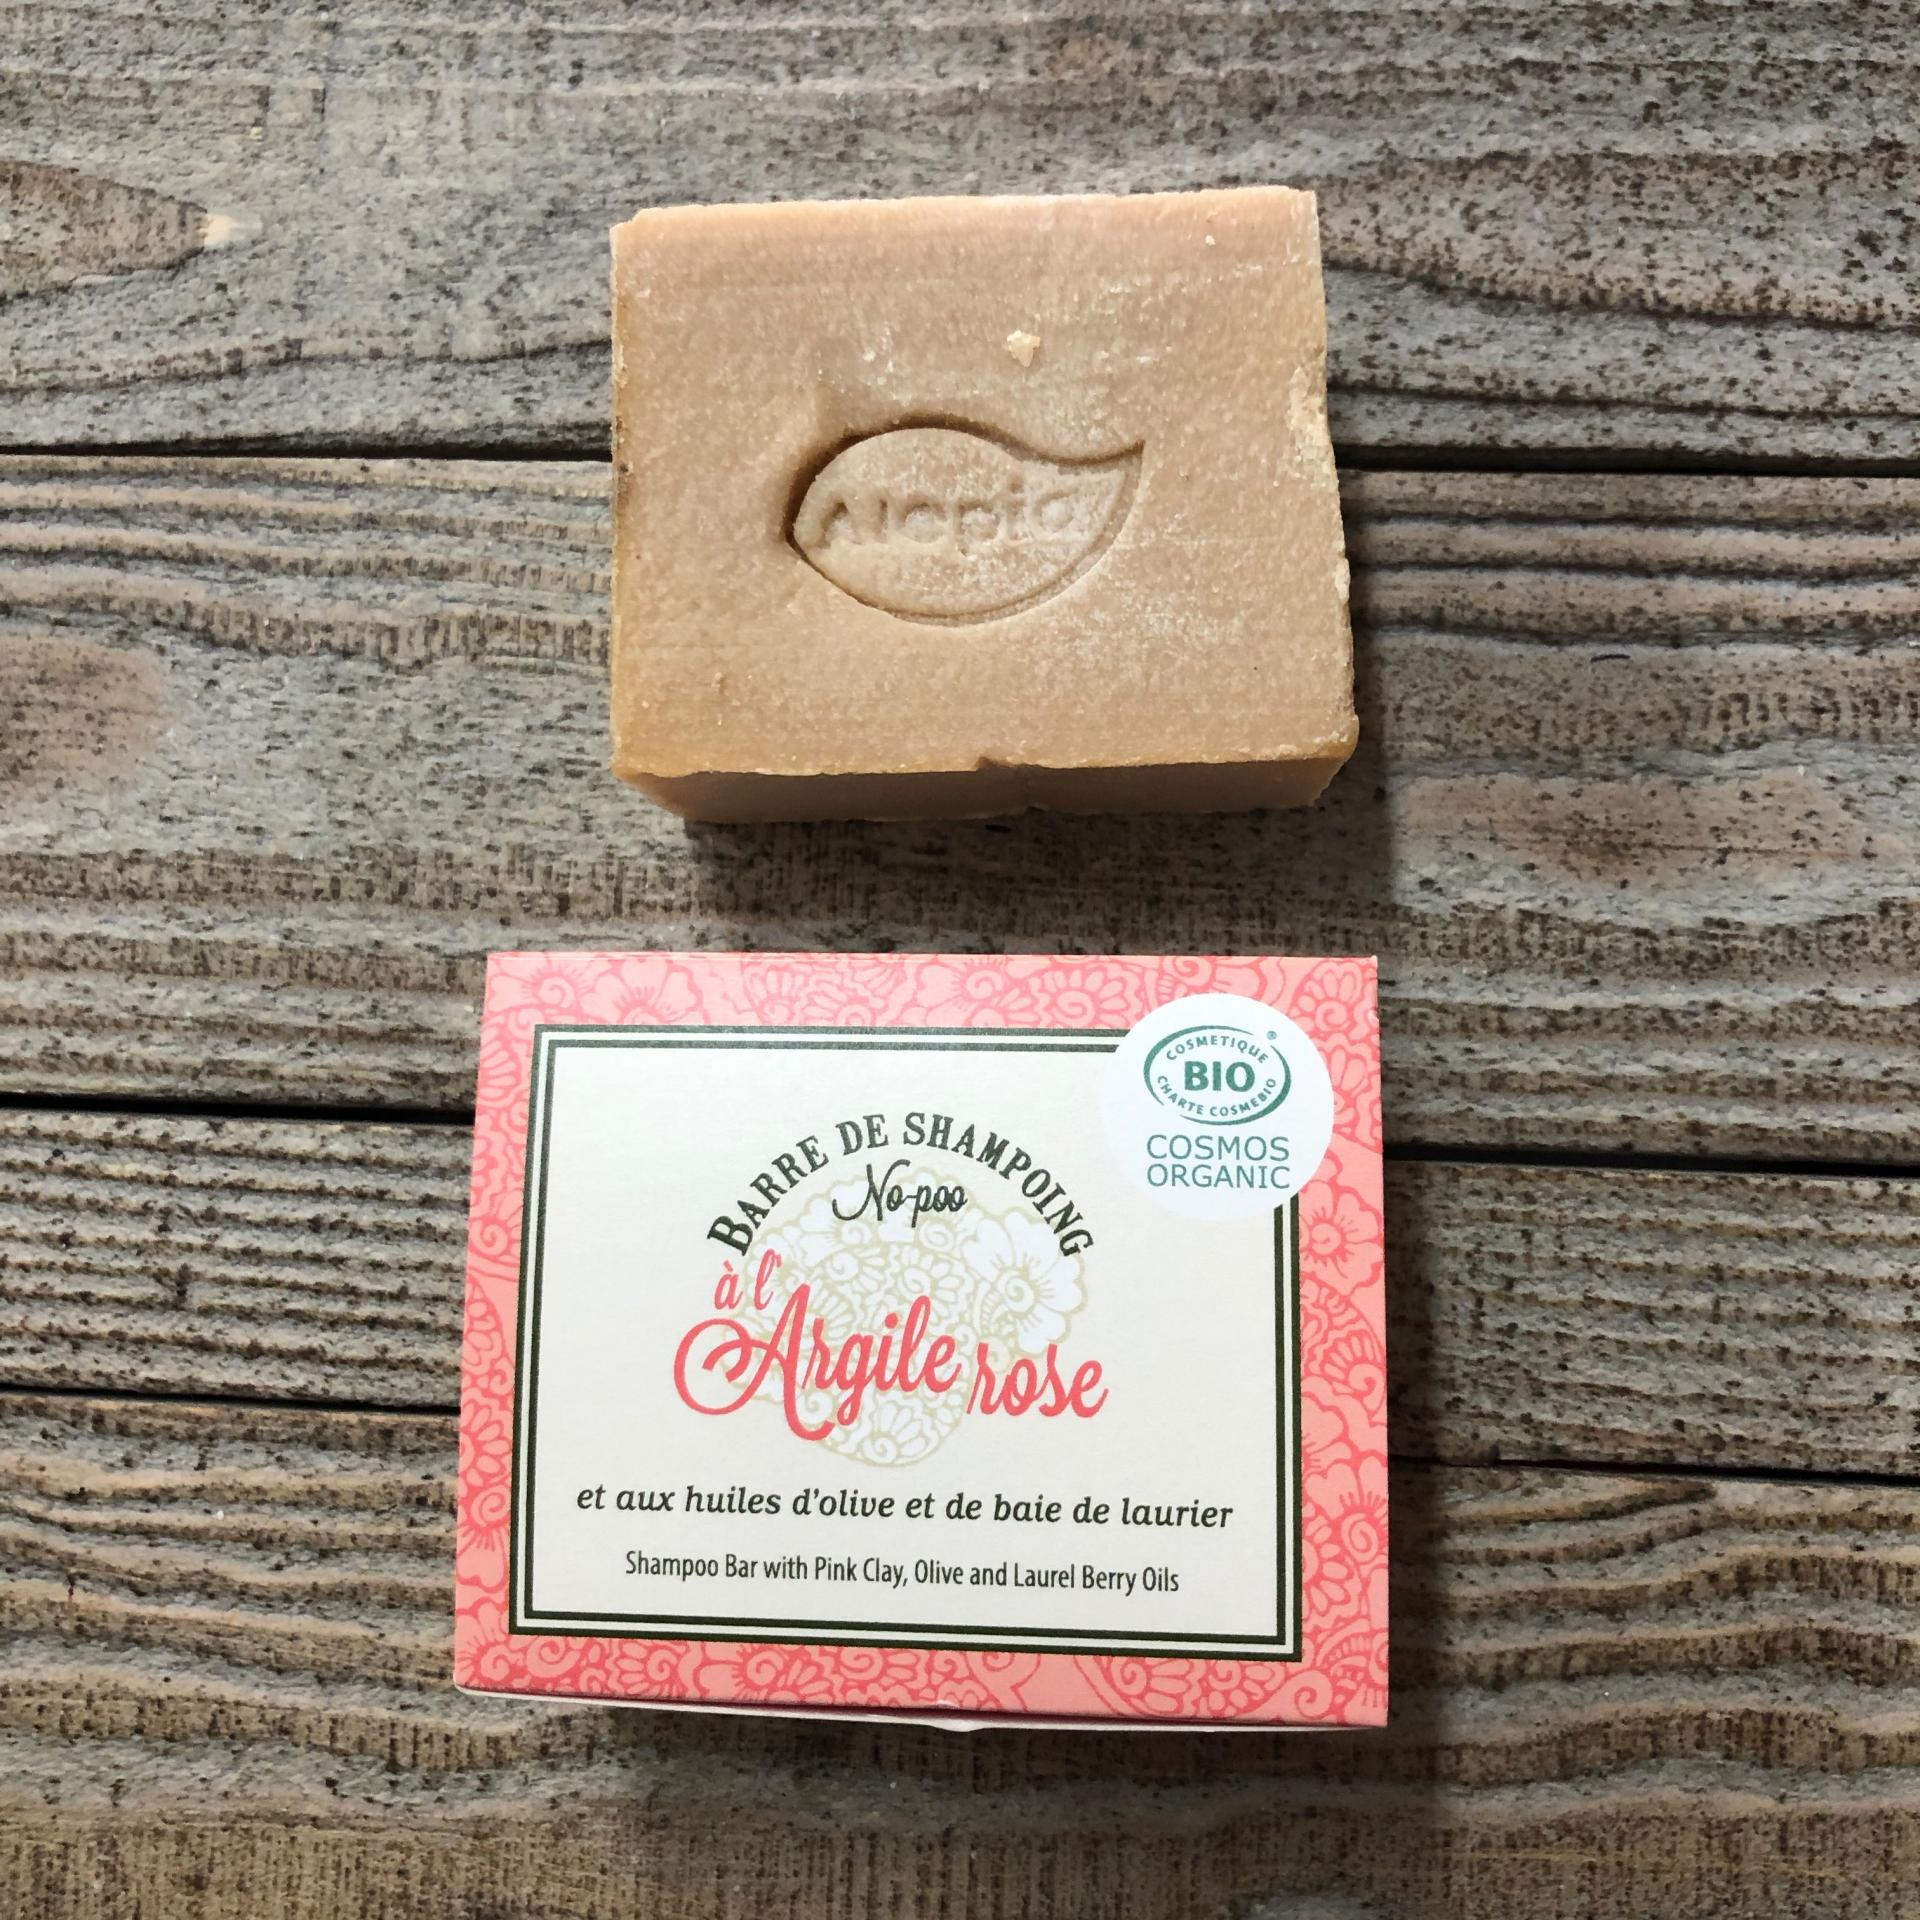 Alep shampooing solide argile rose